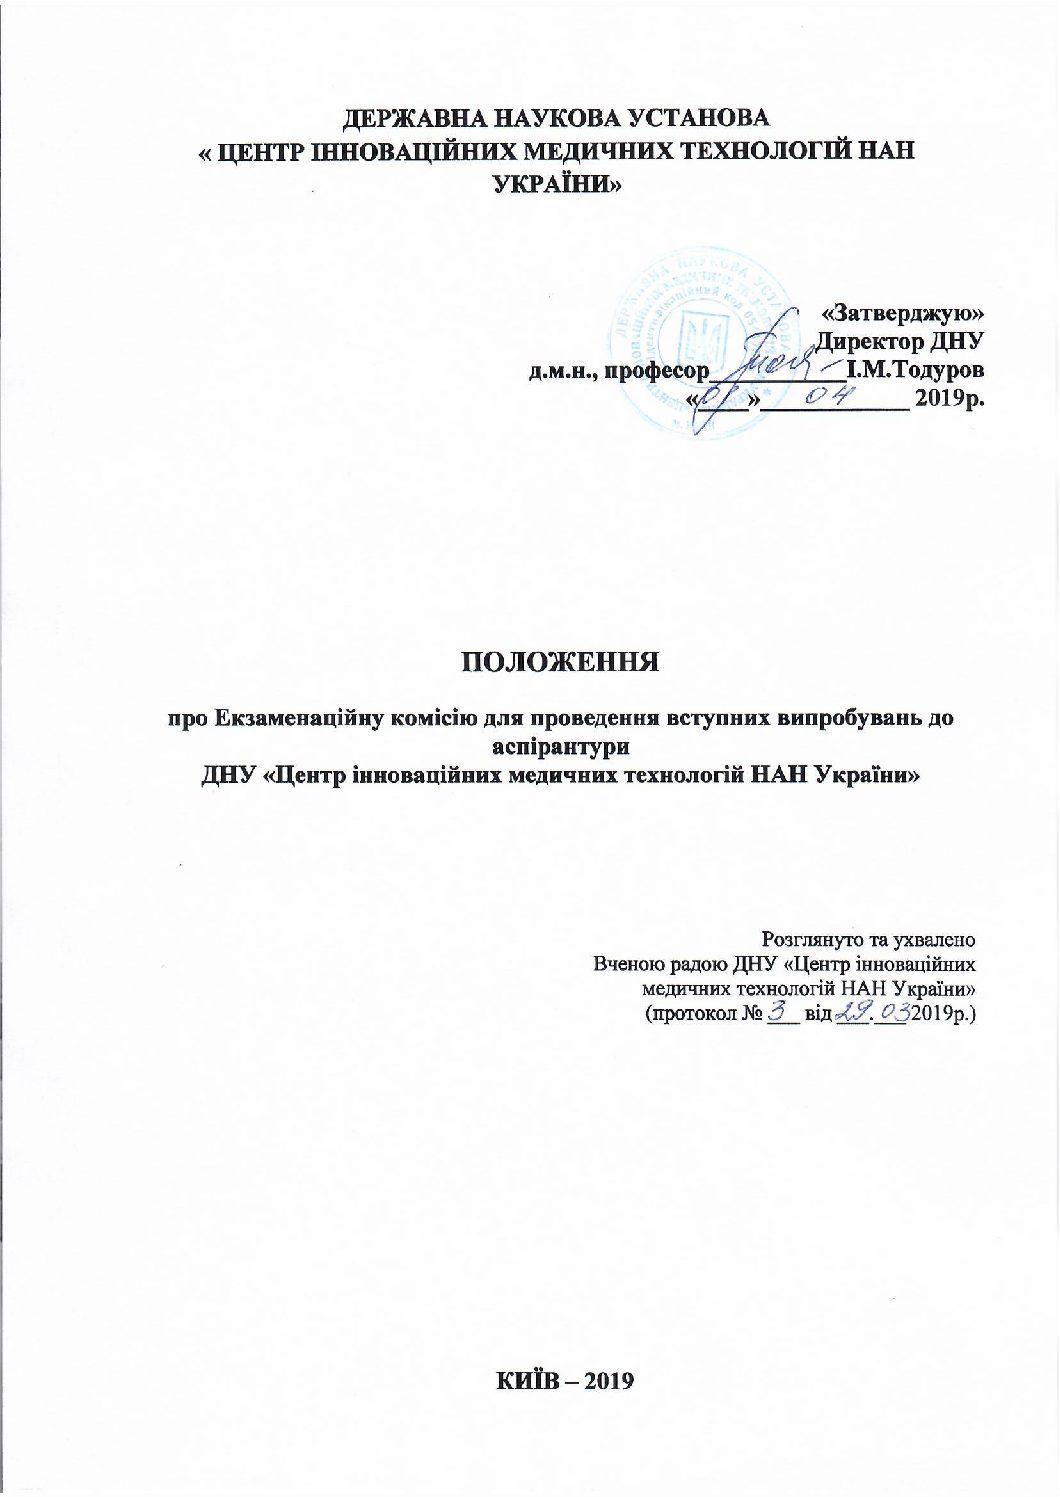 Положення  про приймальну комісію в ДНУ «Центр інноваційних медичних технологій НАН України